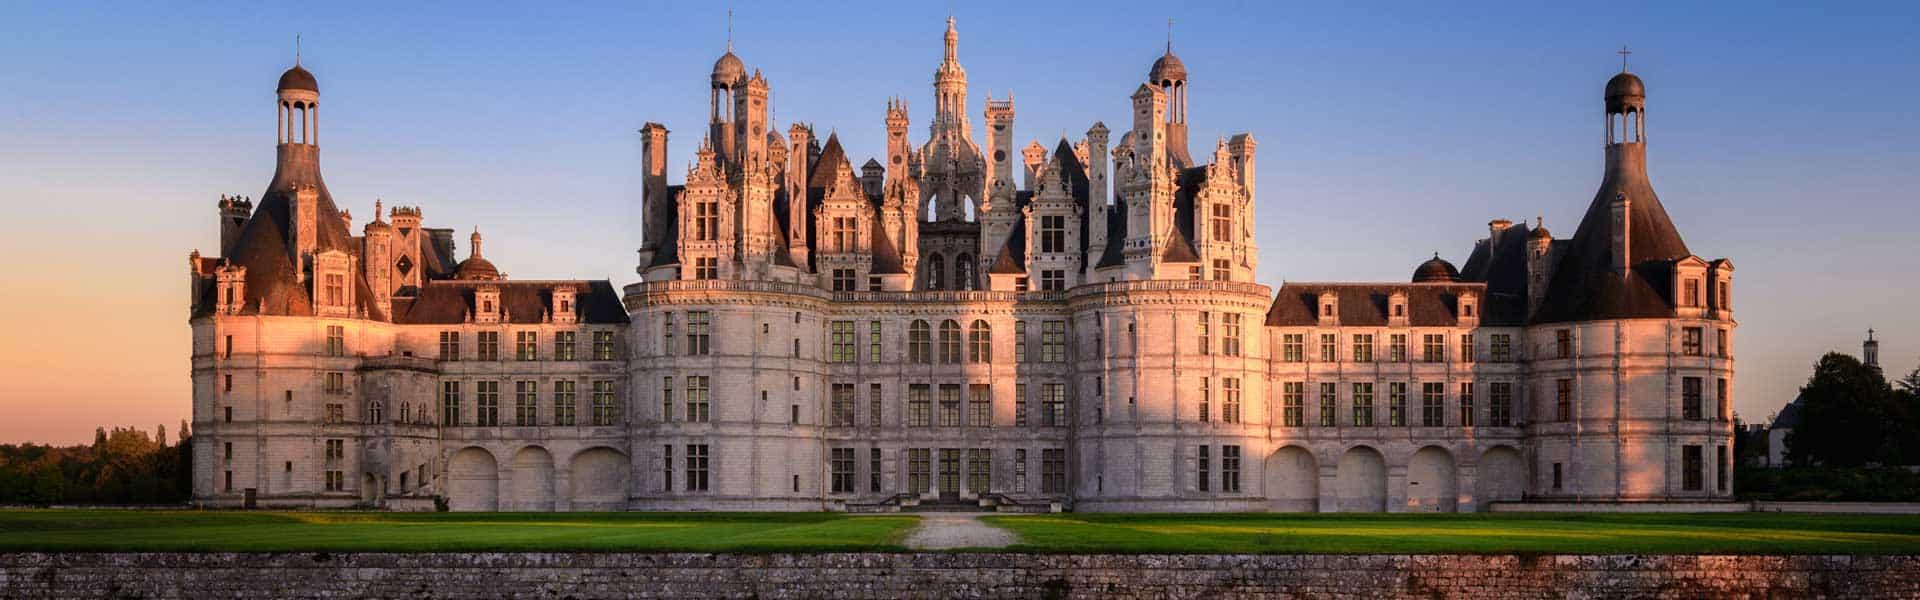 Besuchen Sie das größte Schloss der Region Loire: Chateau de Chambord in Frankreich